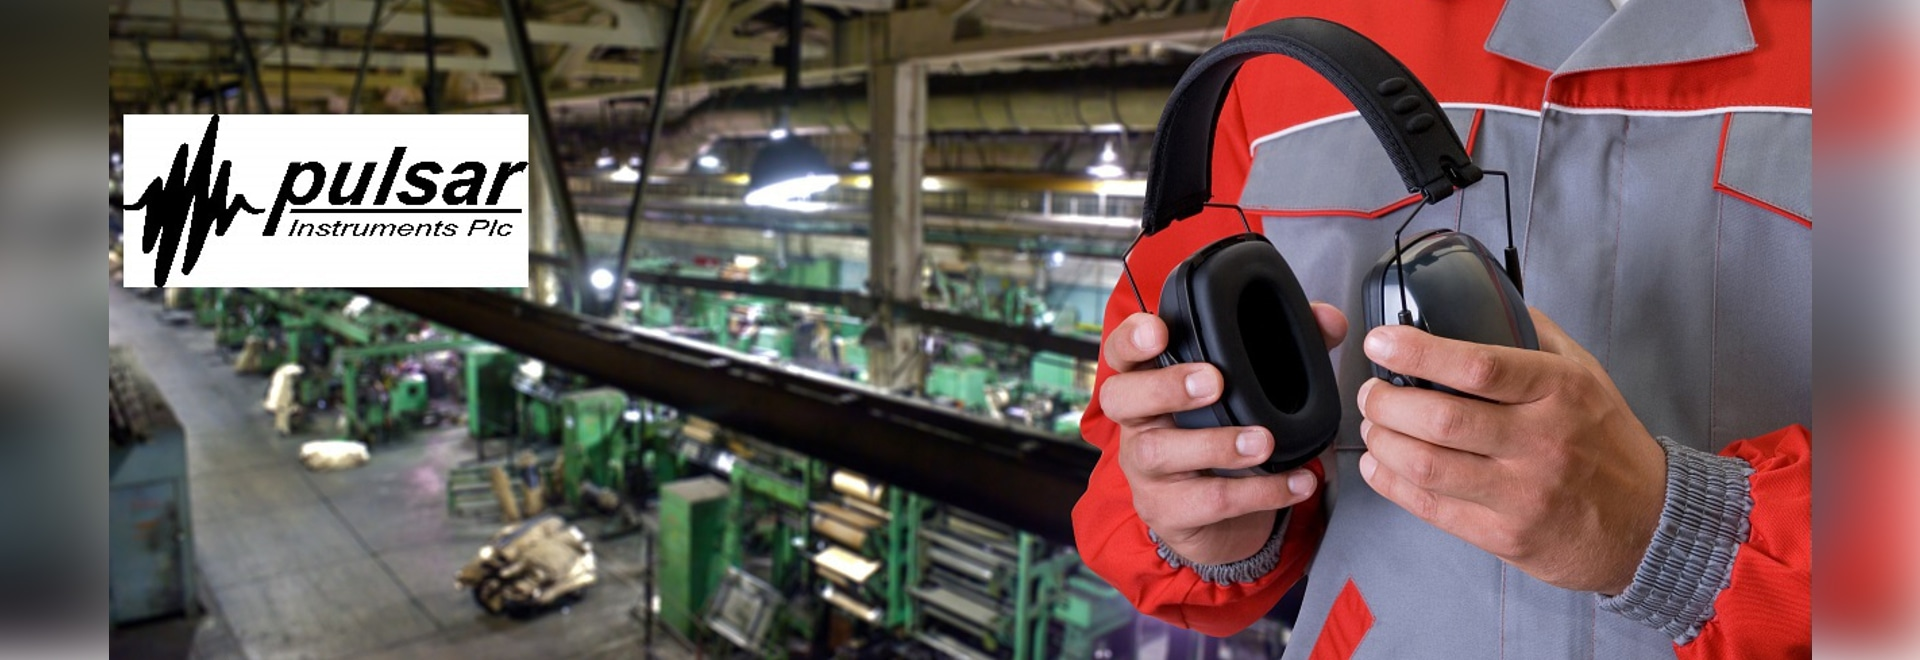 Lernen über die Steuerung des Lärms am Arbeitsplatz mit Pulsar-Instrumenten